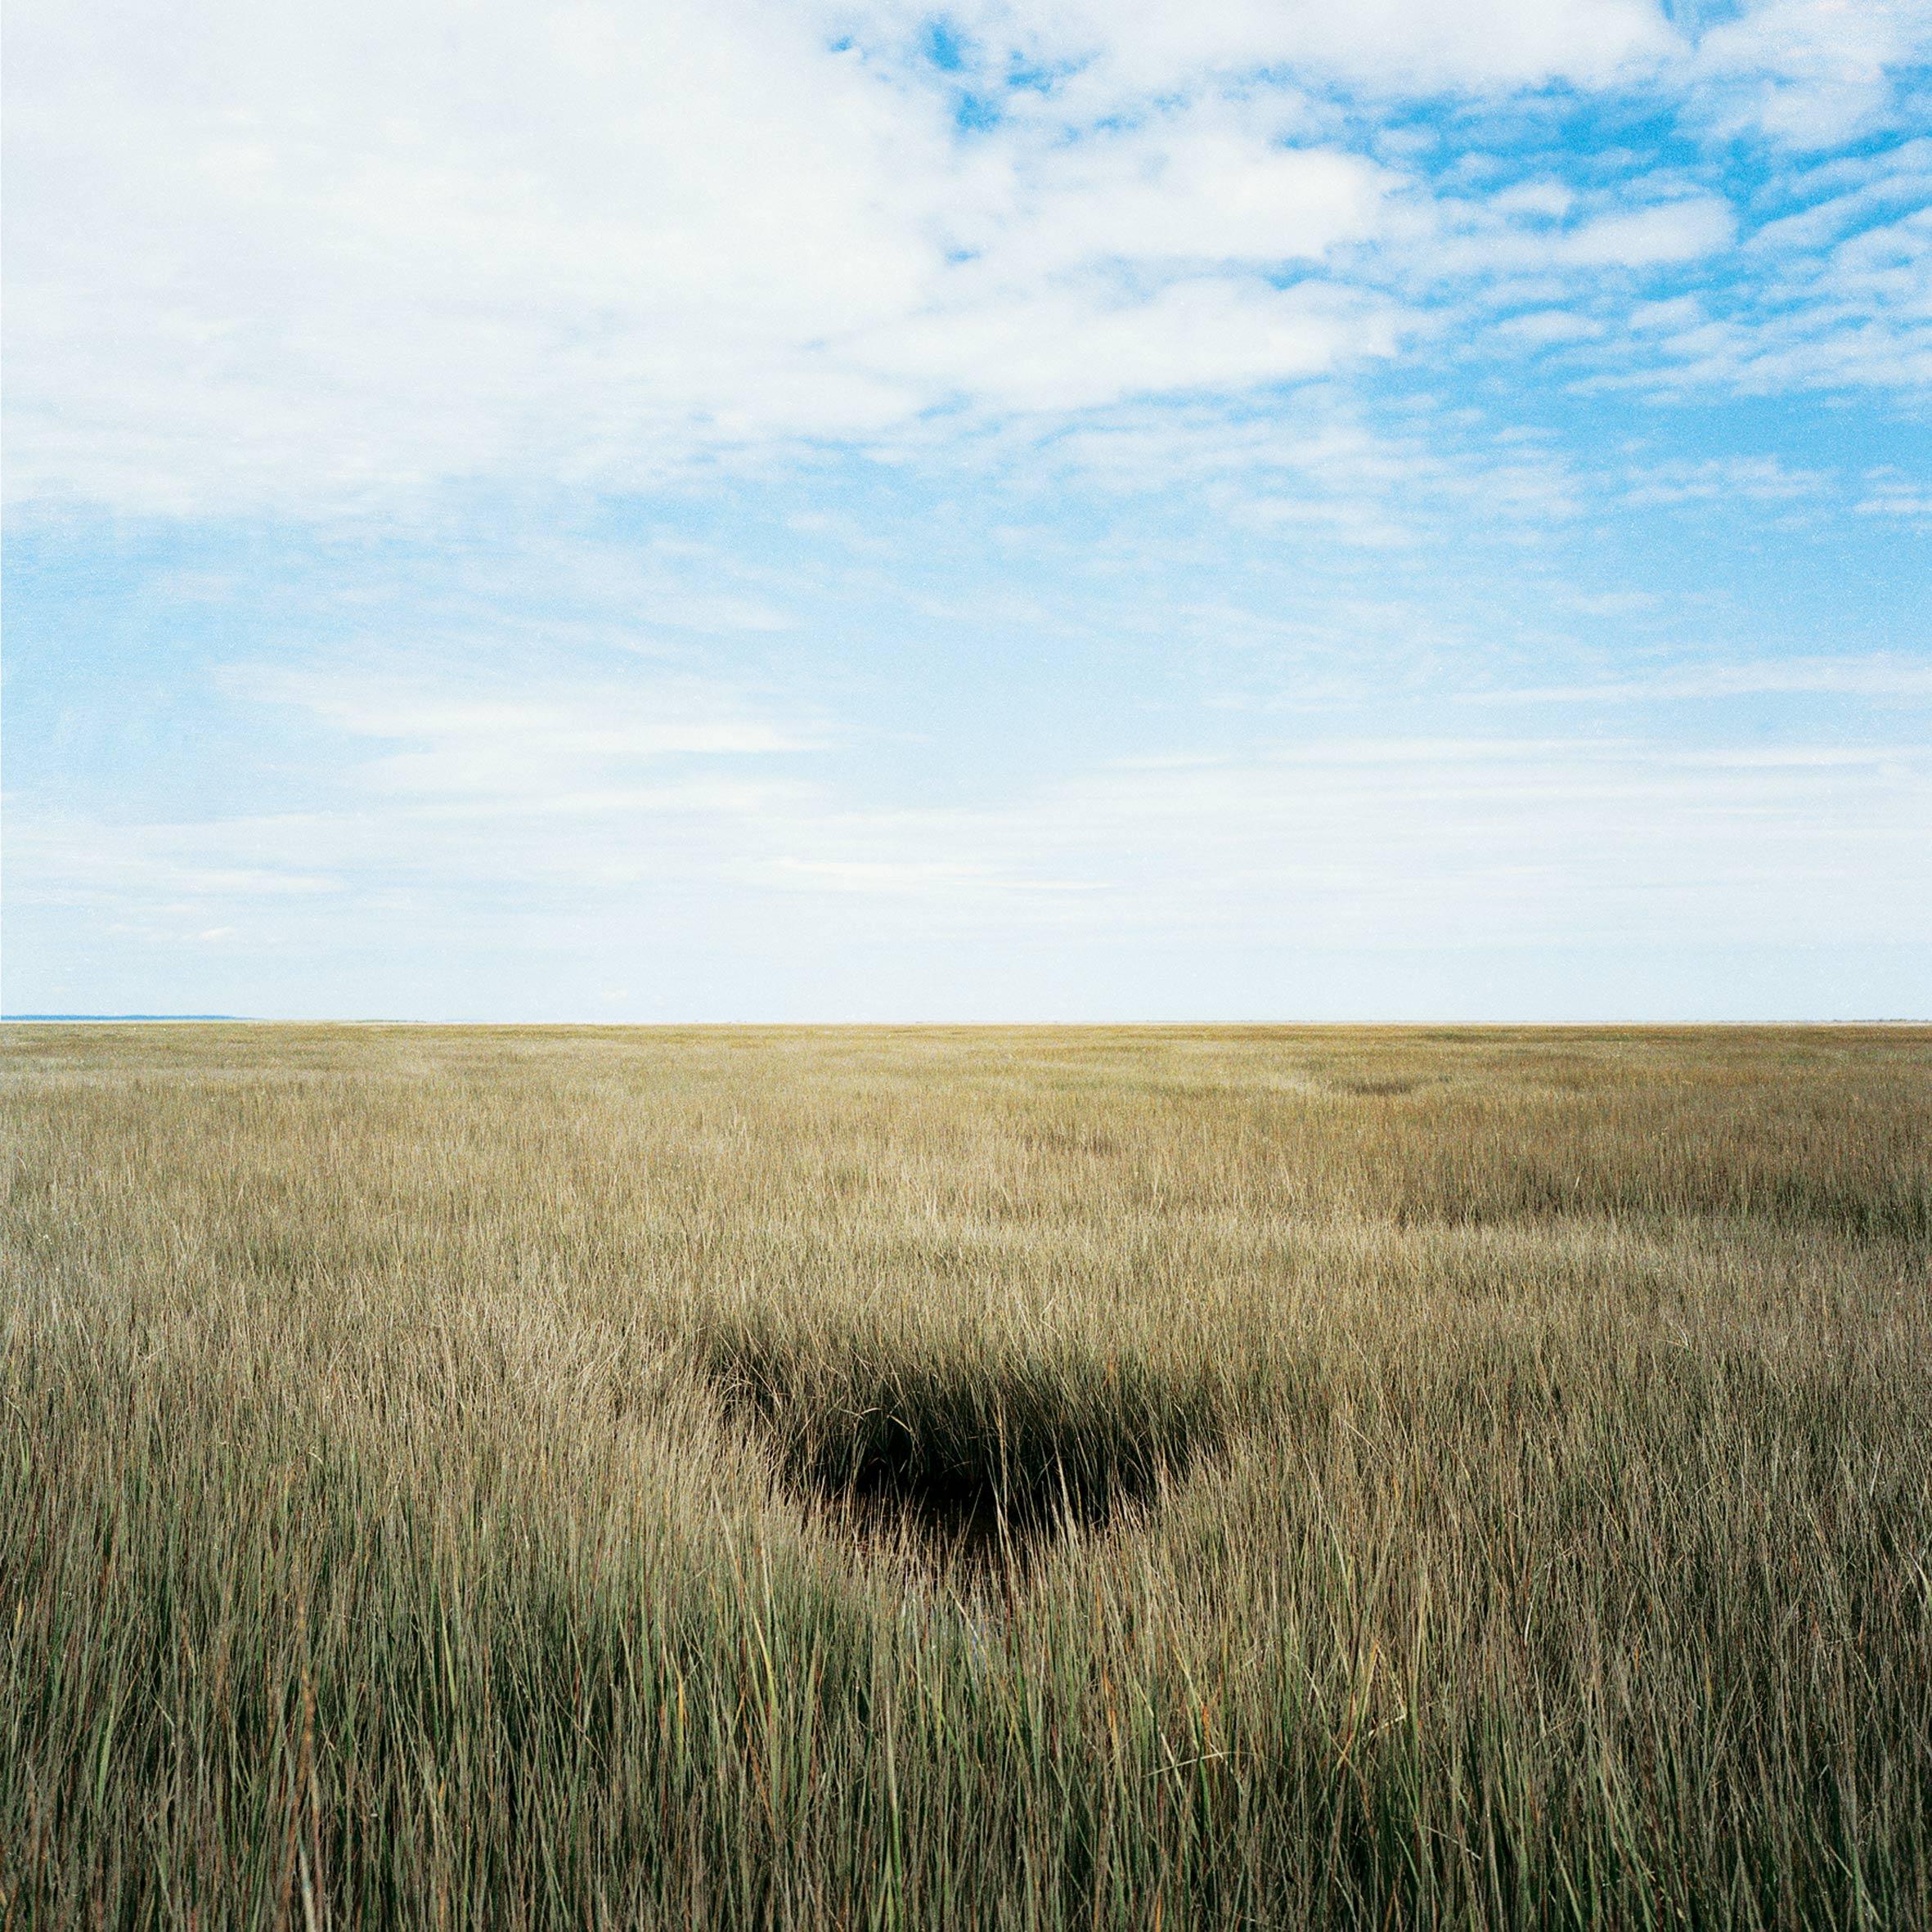 marcher créer, périple autobiographique, territoire du Labrador au Québec, paysage, paysage désertique, paysage de campagne, herbe, mer, ciel